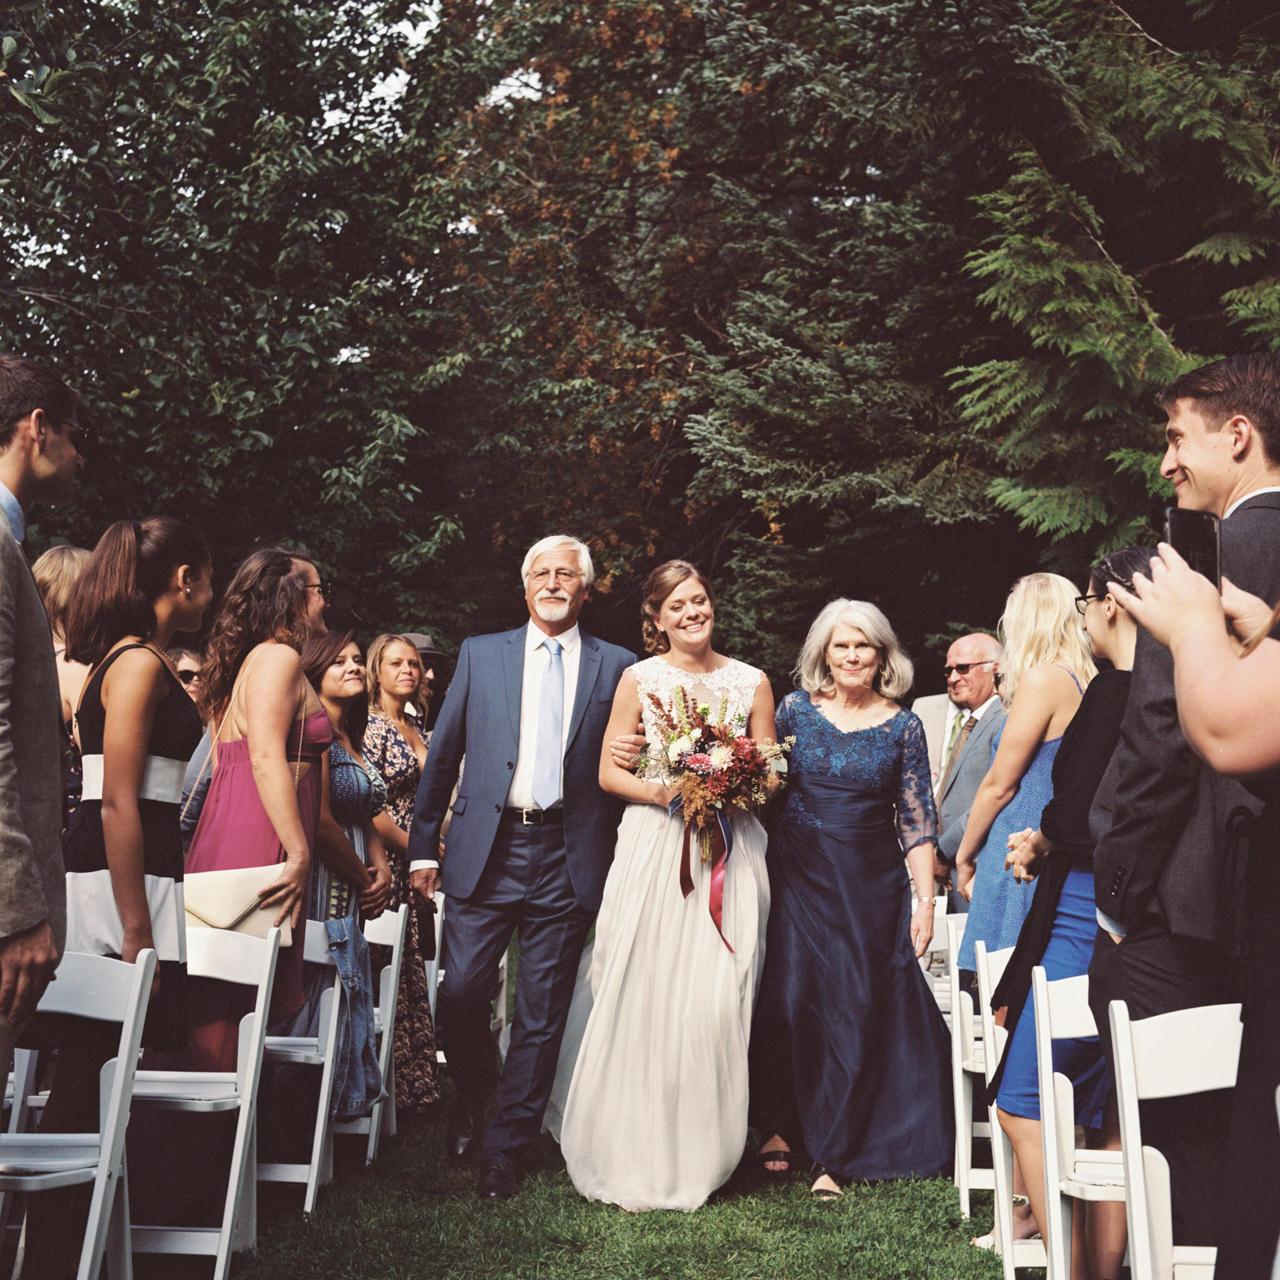 mt-hood-organic-farms-film-wedding-14.jpg